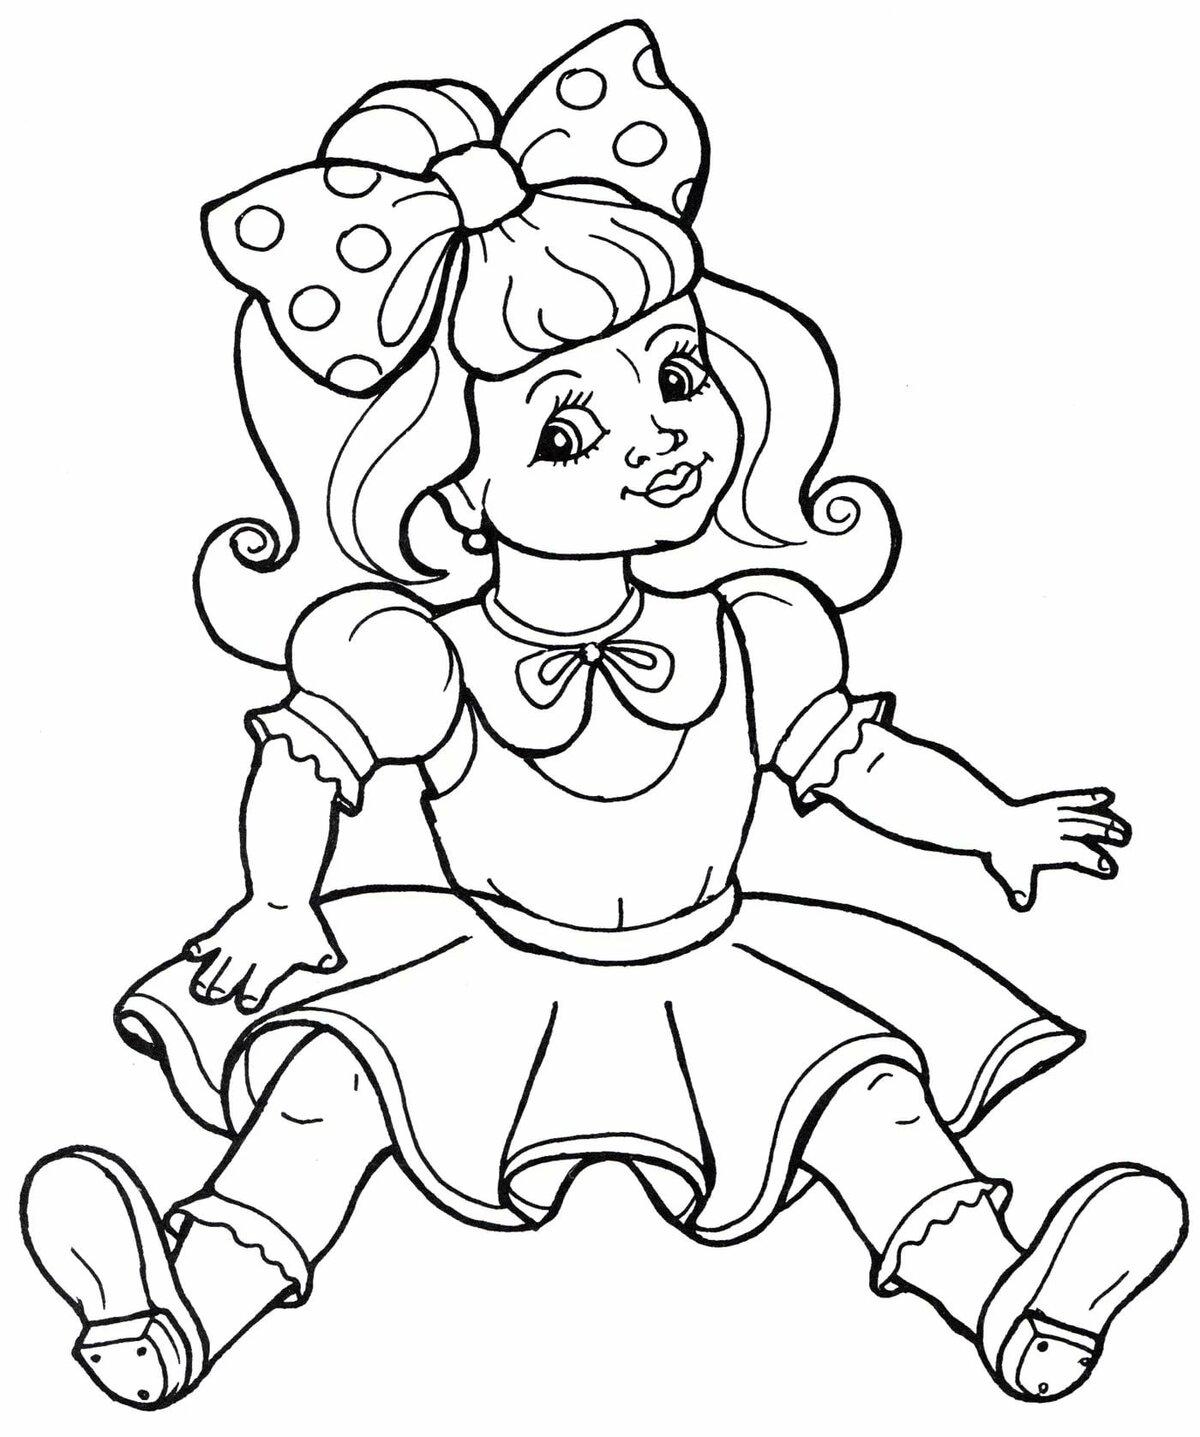 «Раскраска Кукла с бантиком - распечатать бесплатно ...